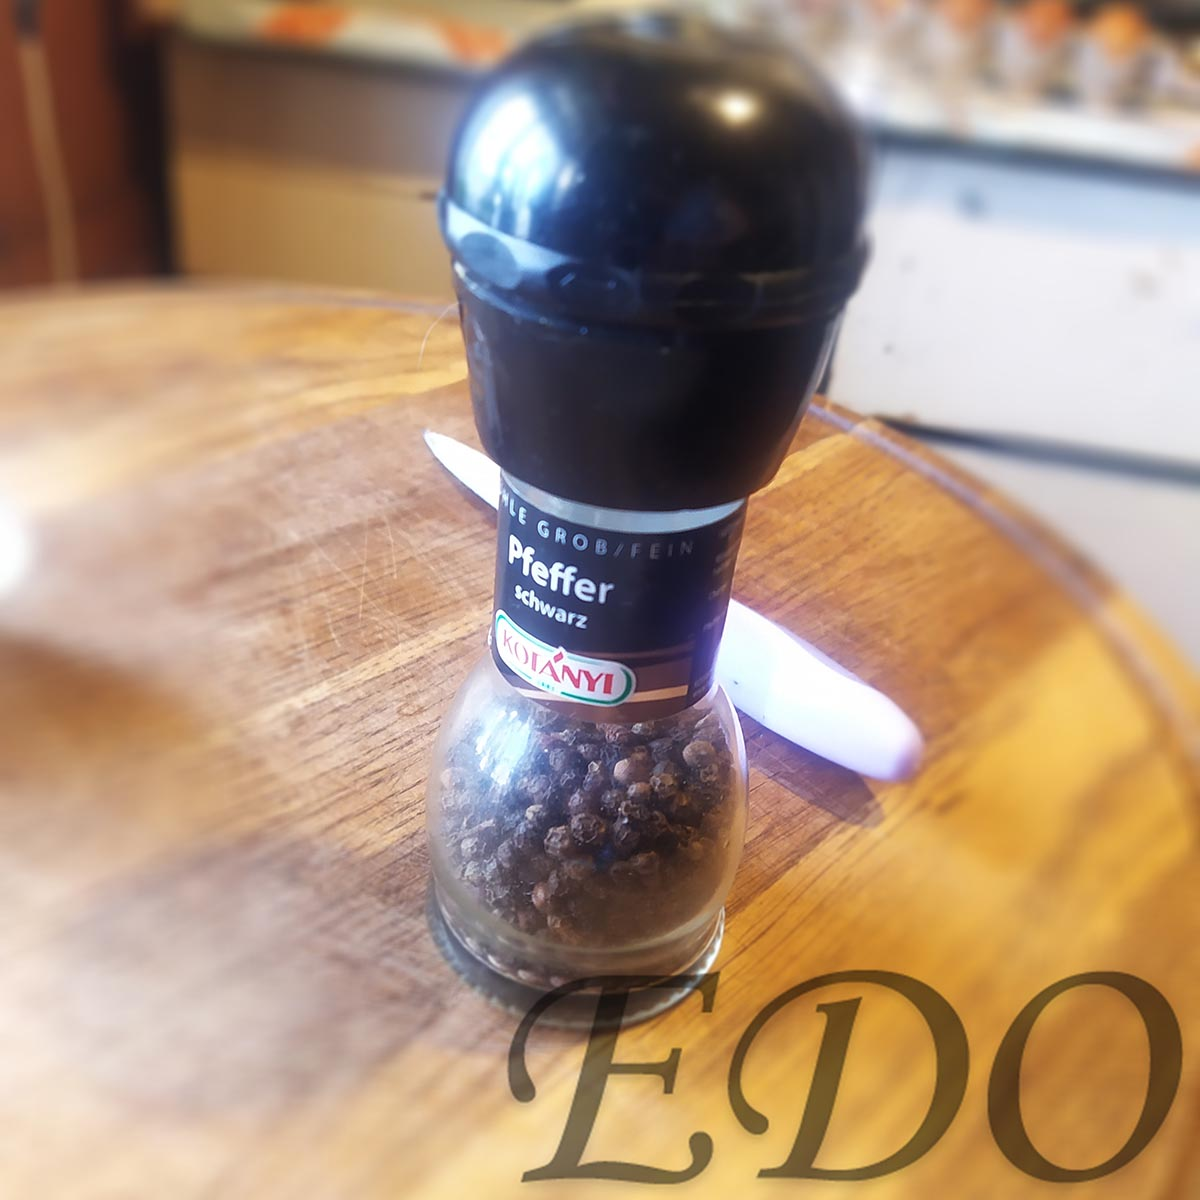 «Простой мельник» готовый черный перец